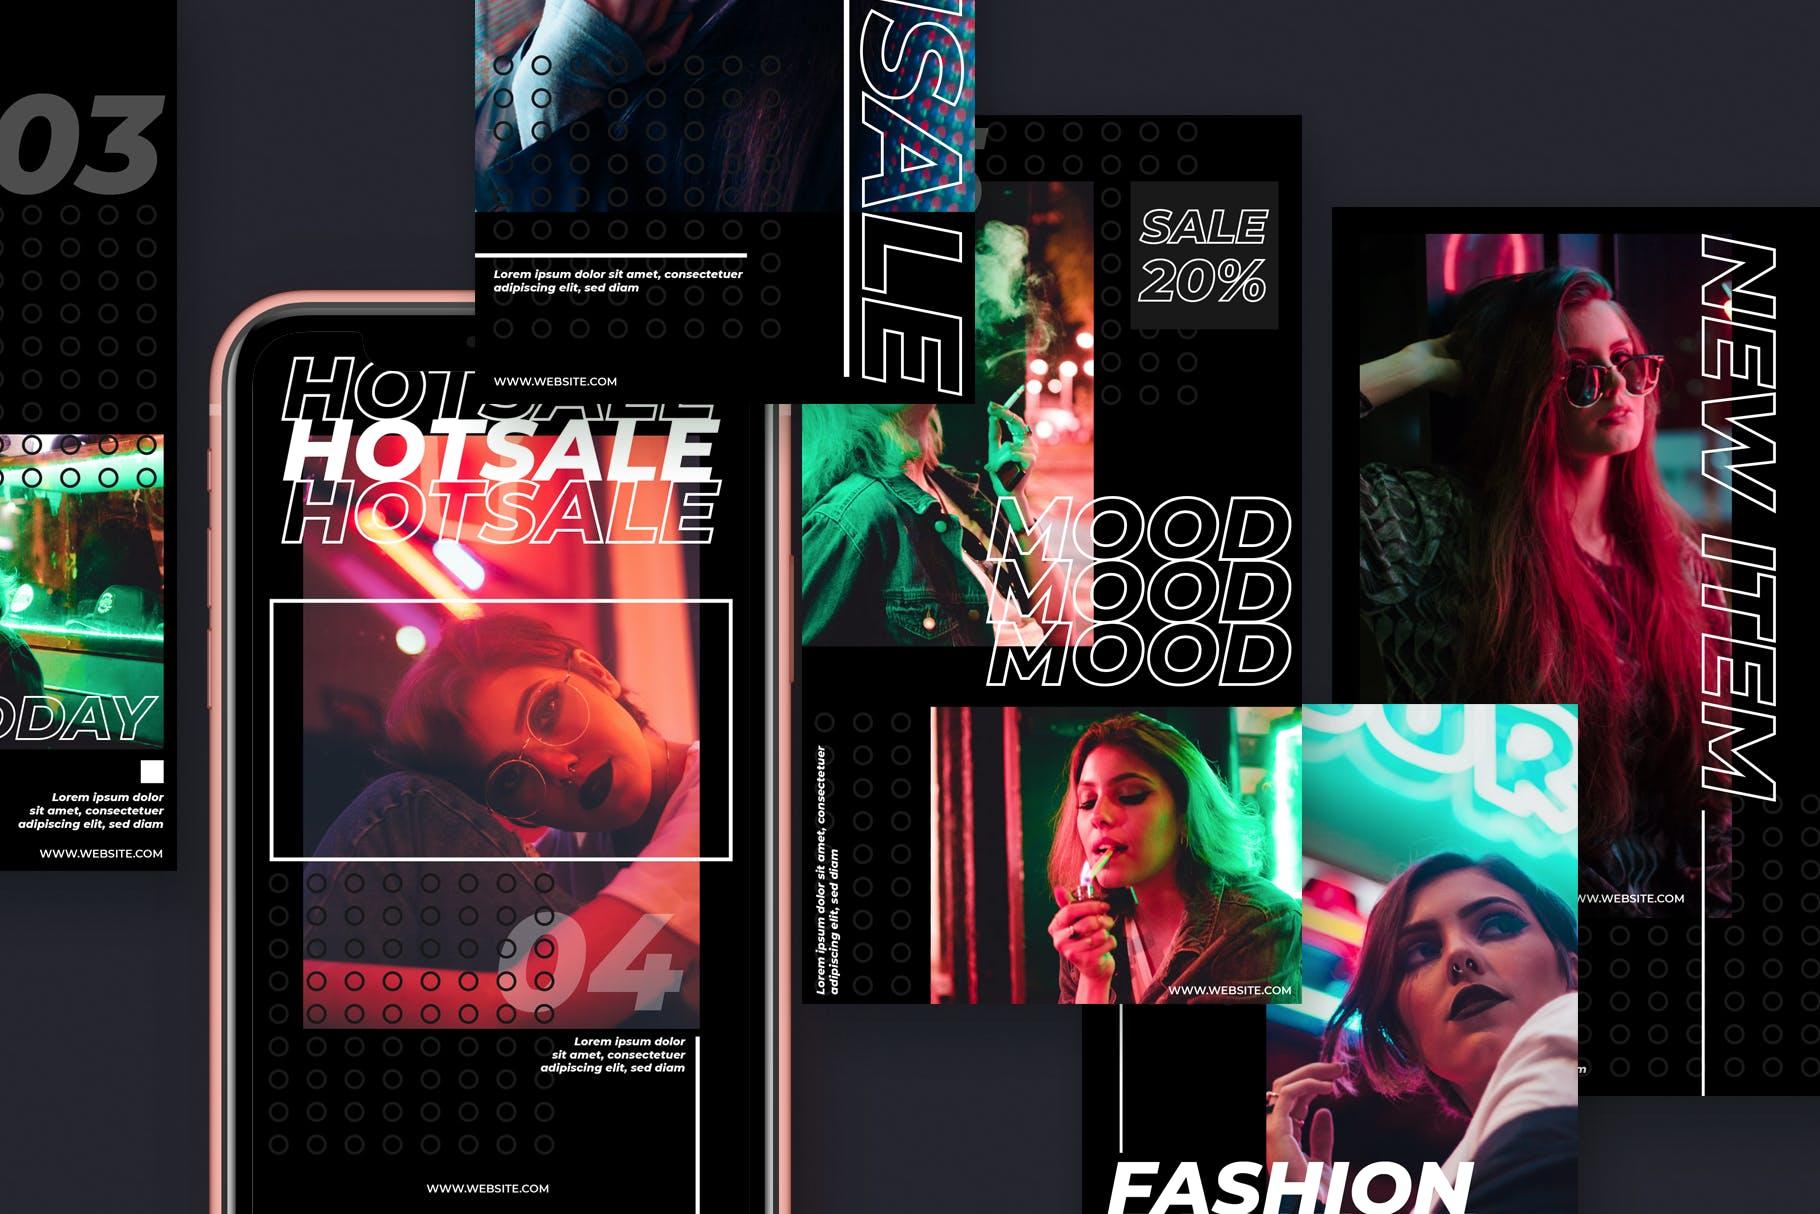 都市风格品牌故事推广新媒体海报设计模板 Urban Style Instagram Story Template插图(3)